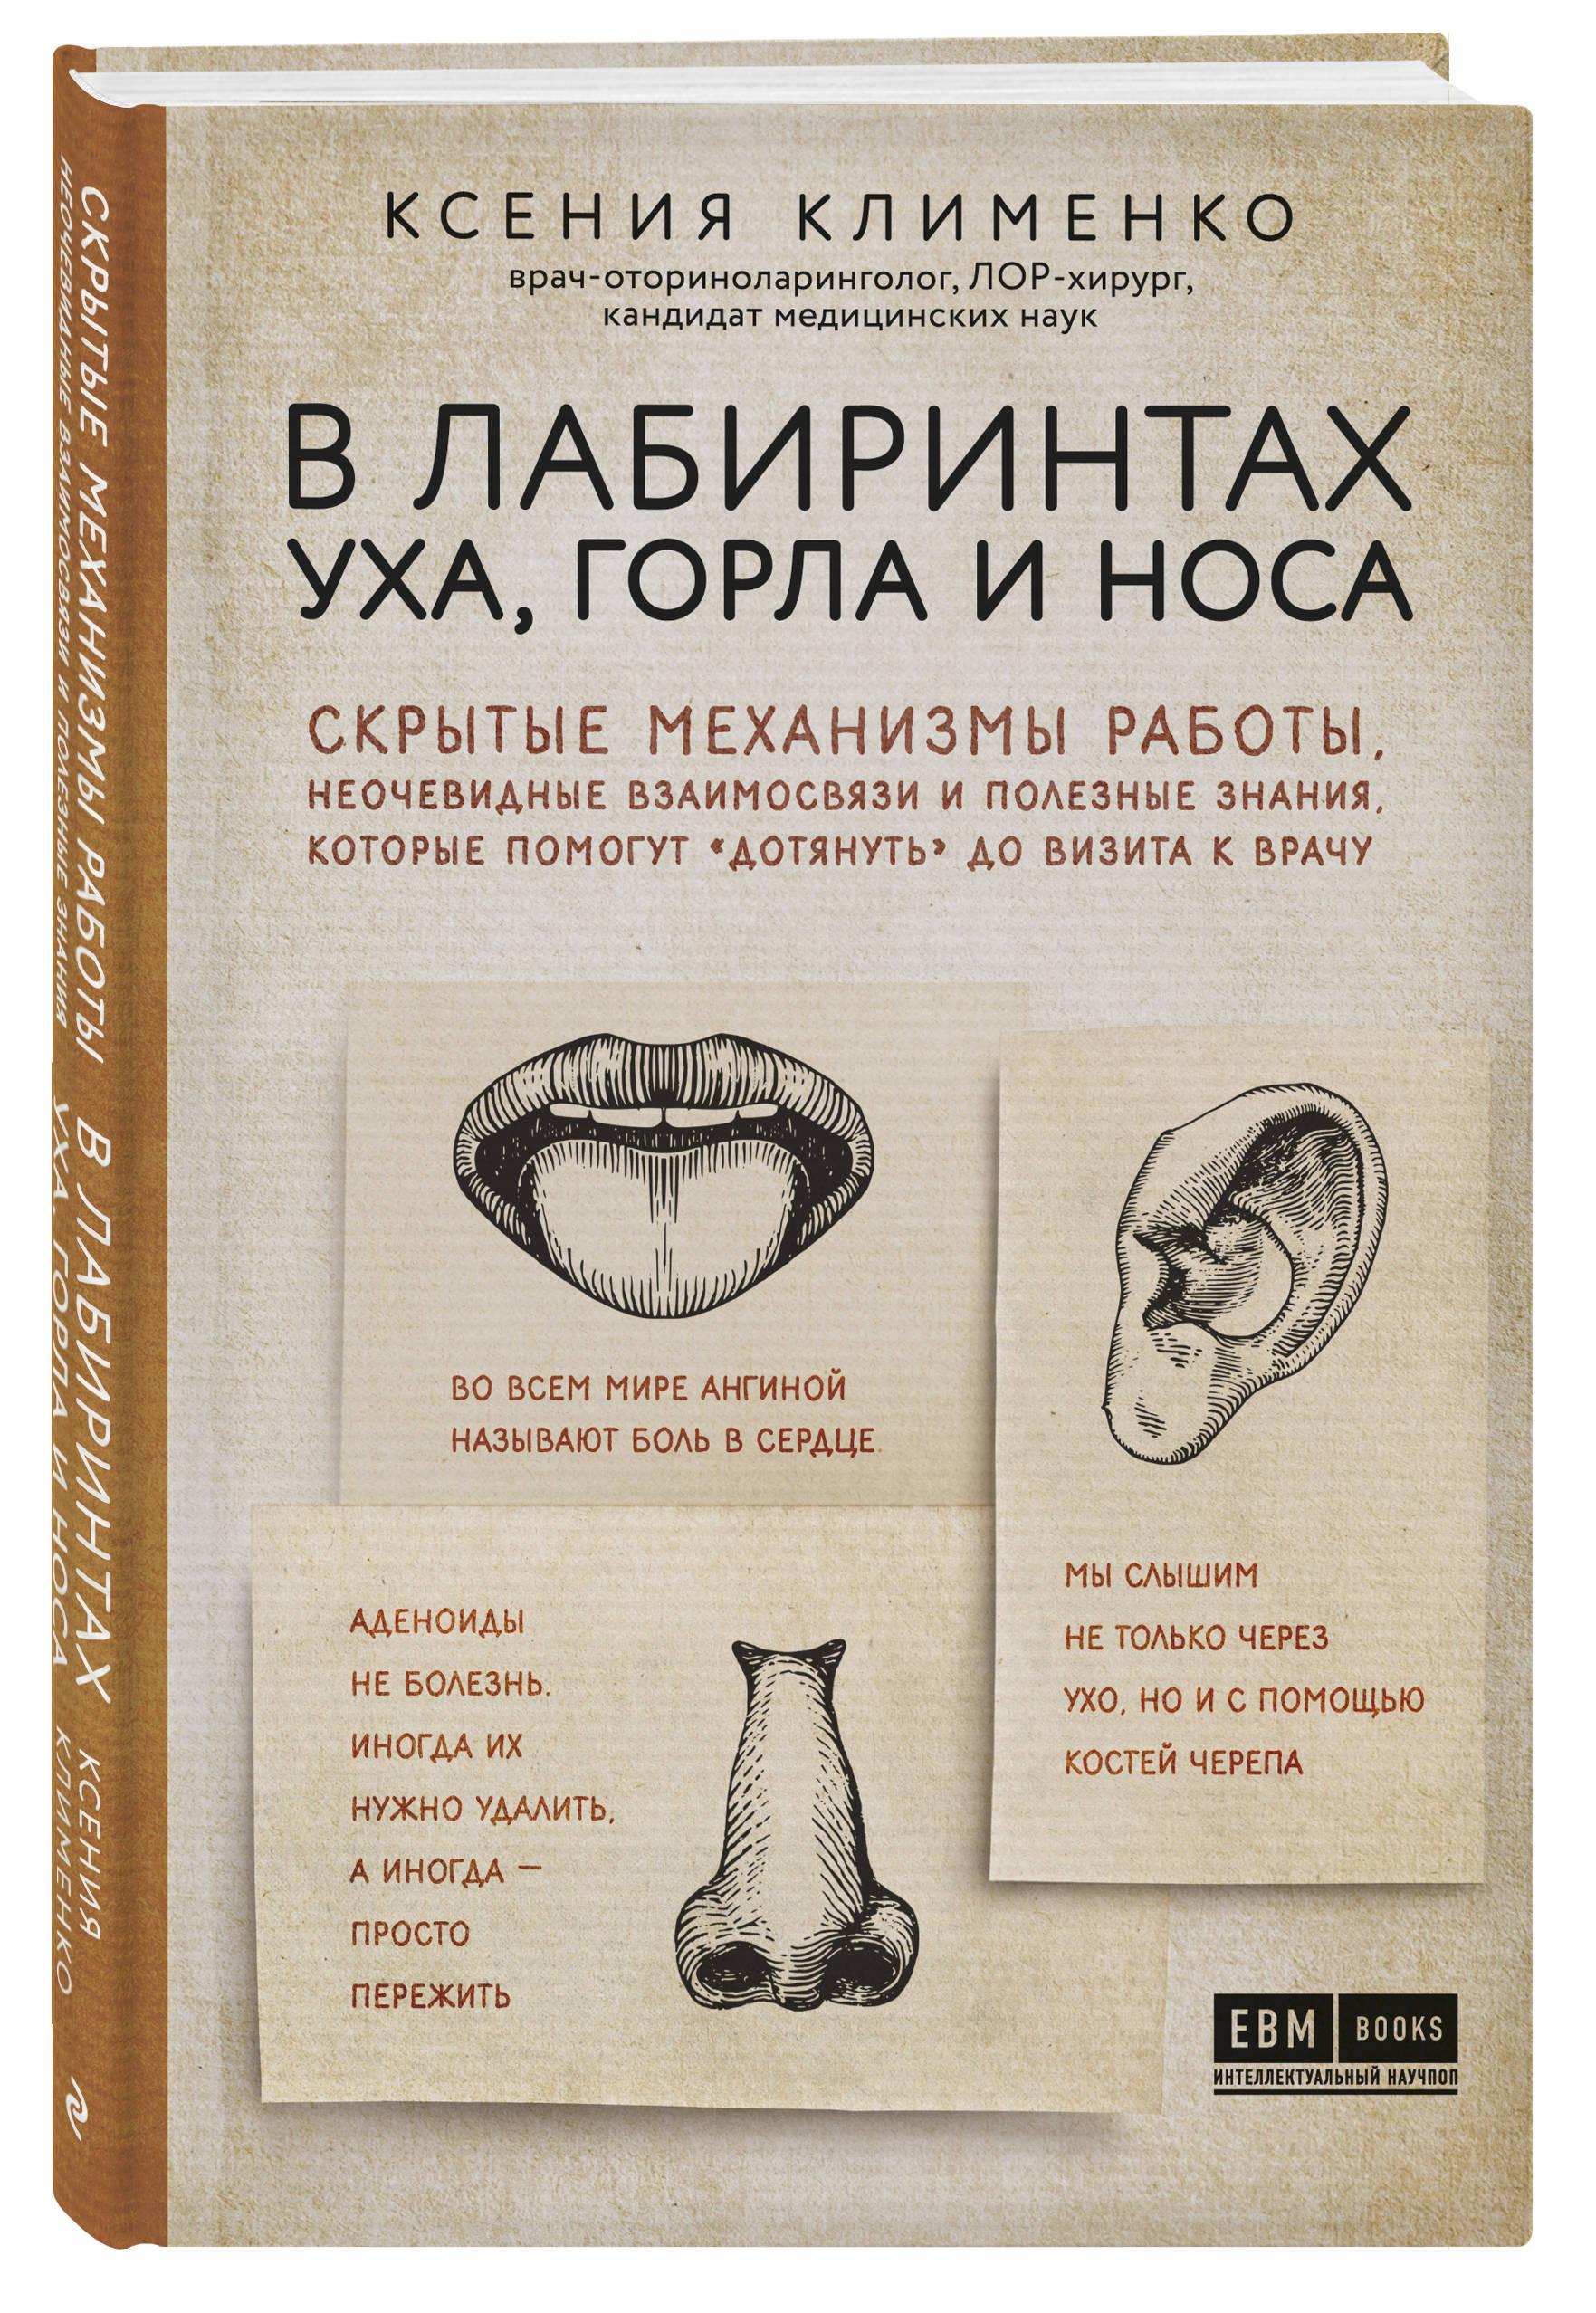 Клименко К. В лабиринтах уха, горла и носа. Тайная жизнь наших главных органов чувств. наборы для поделок научная пирамида тайны 5 органов чувств